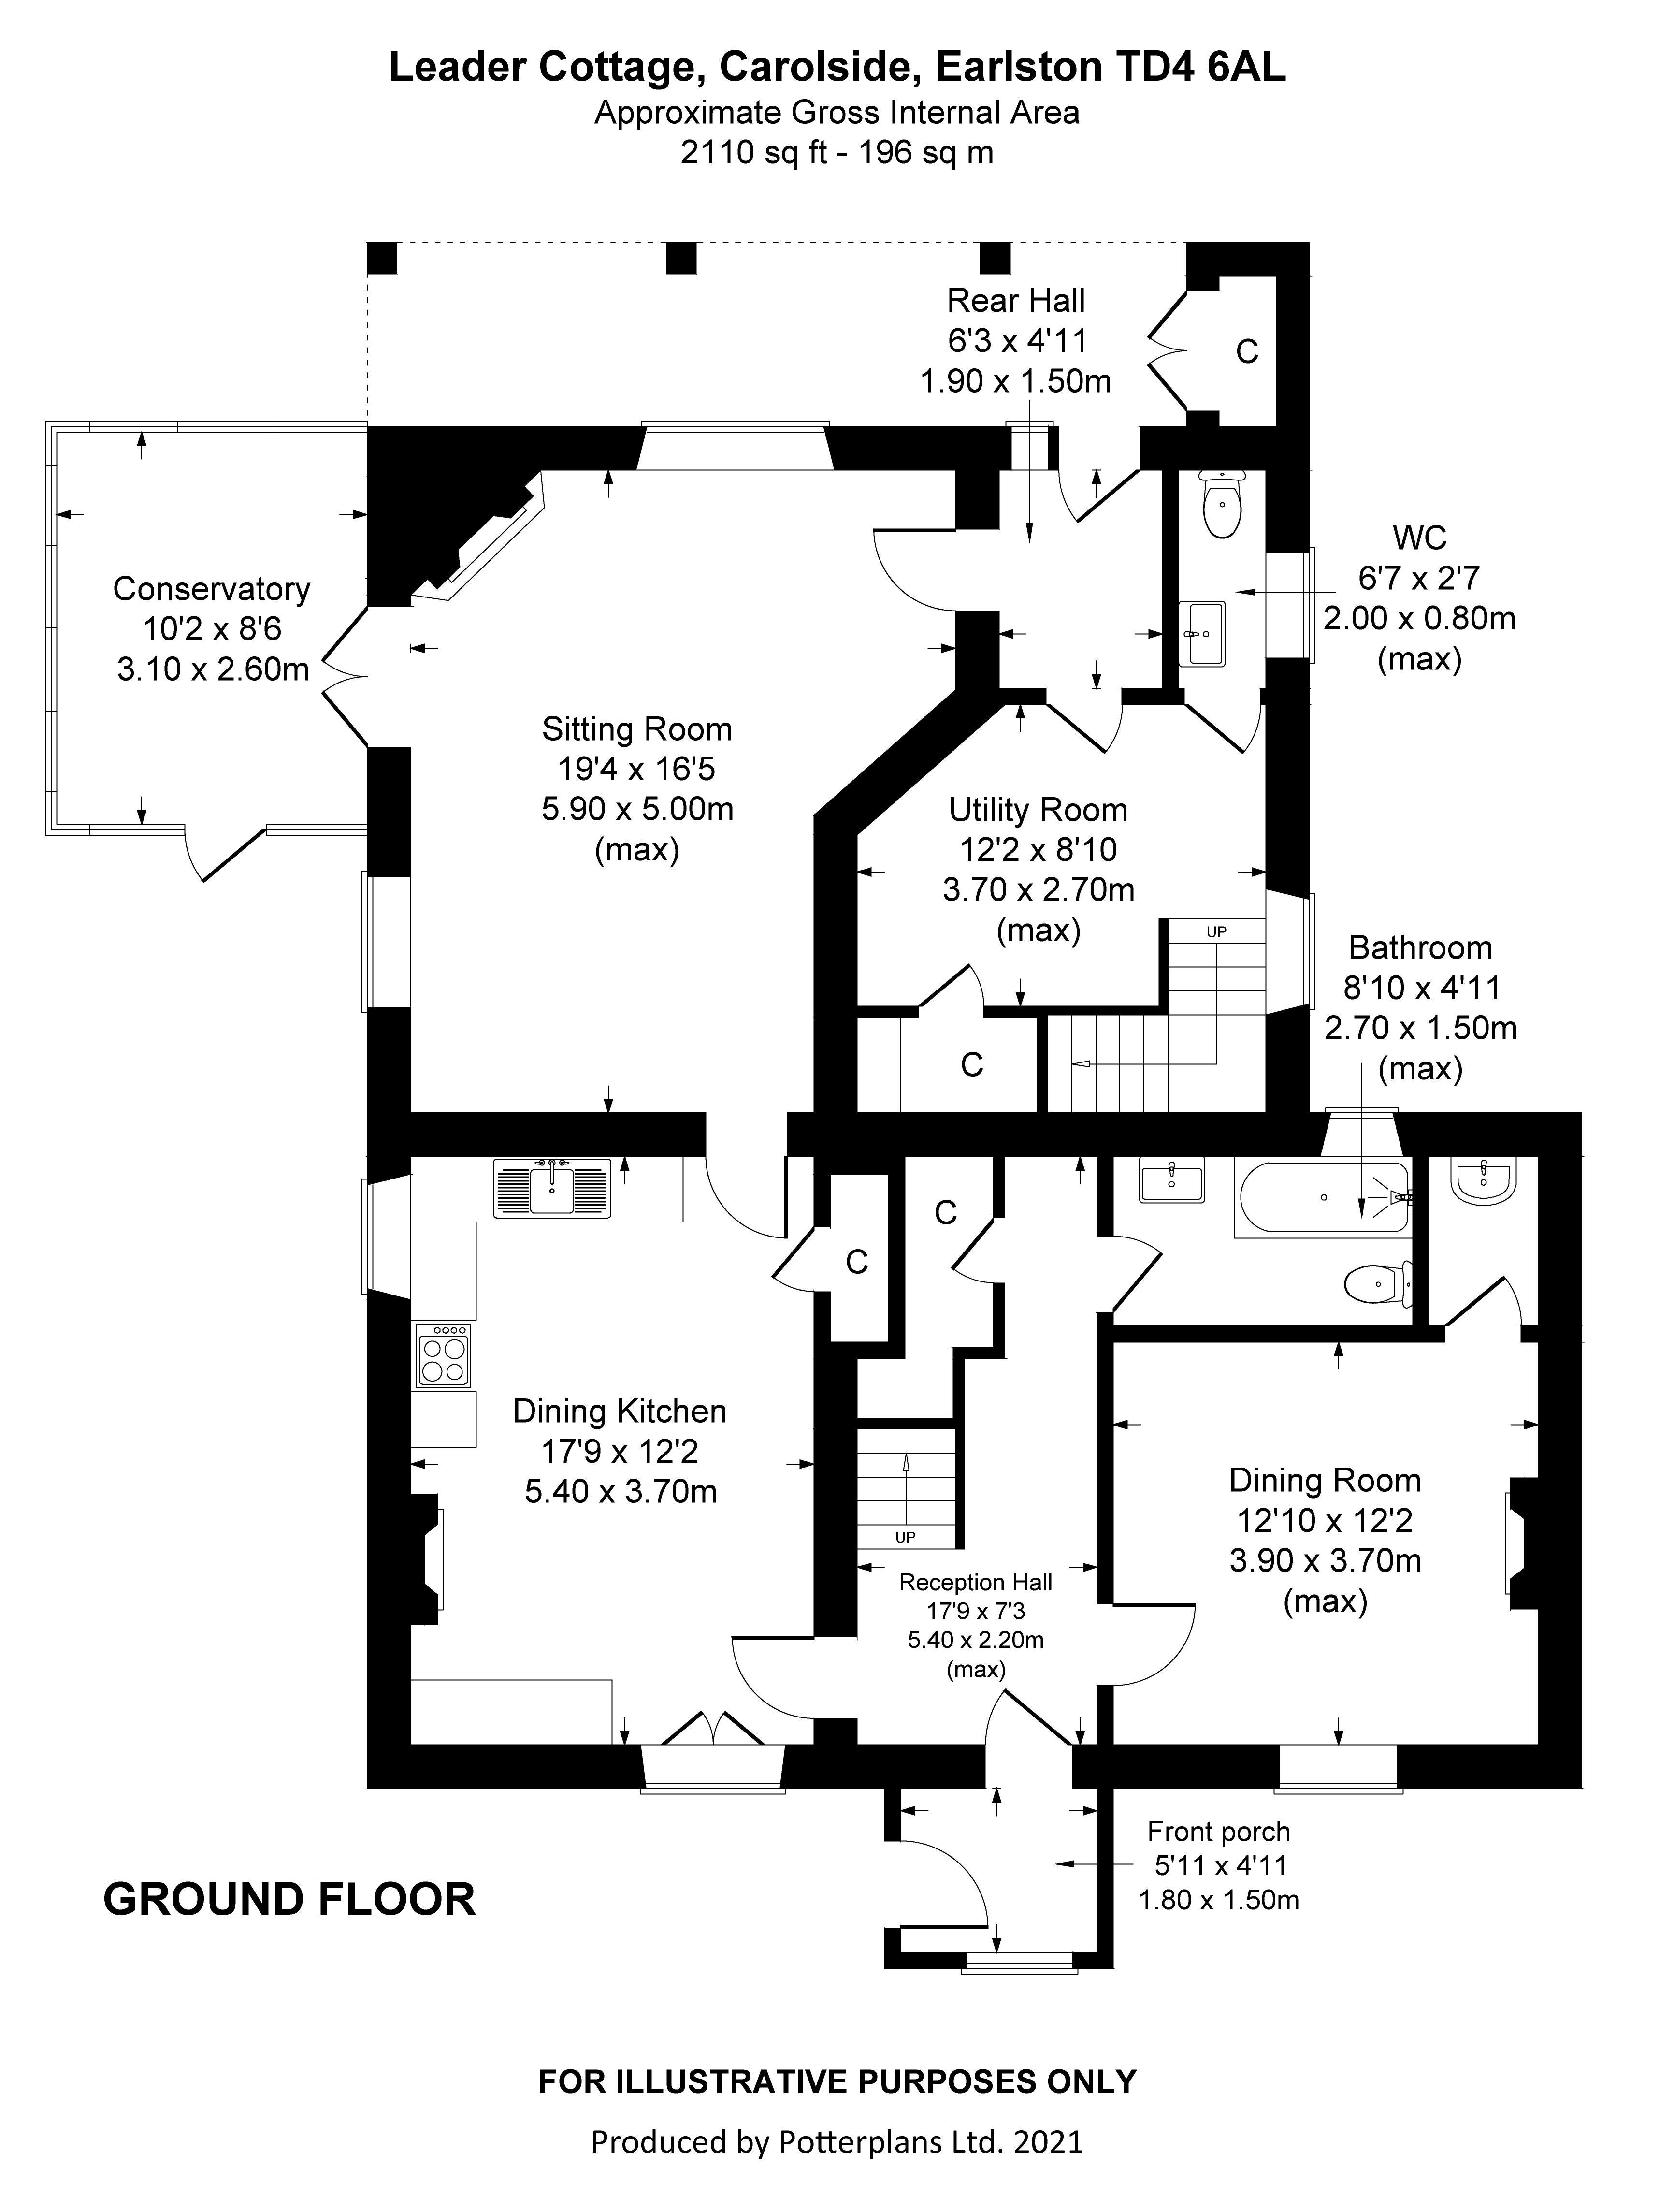 Leader Cottage Ground Floor